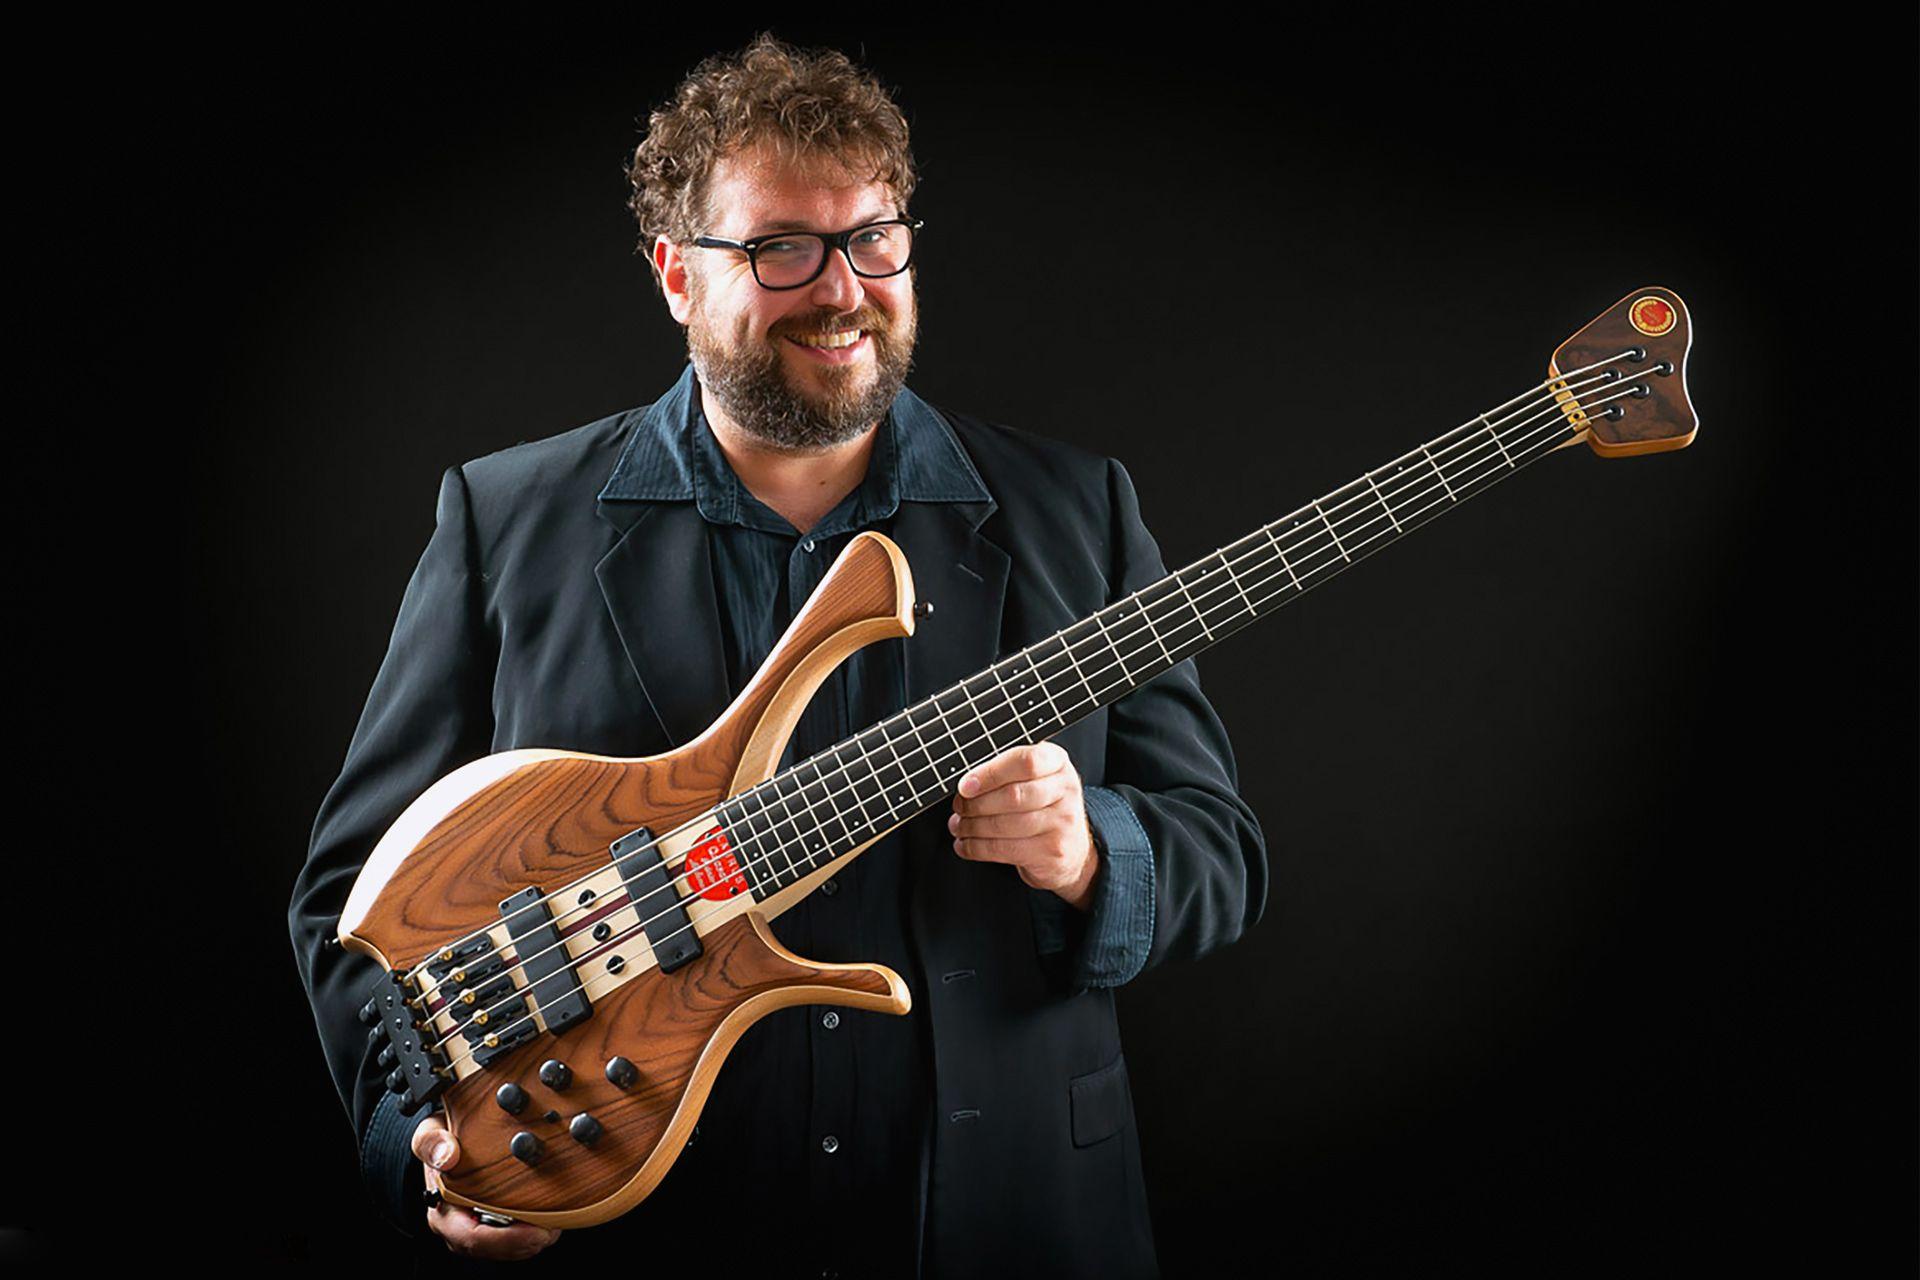 Studia la musica nei libri e nei dischi - Intervista al bassista, contrabbassista e arrangiatore Federico Malaman